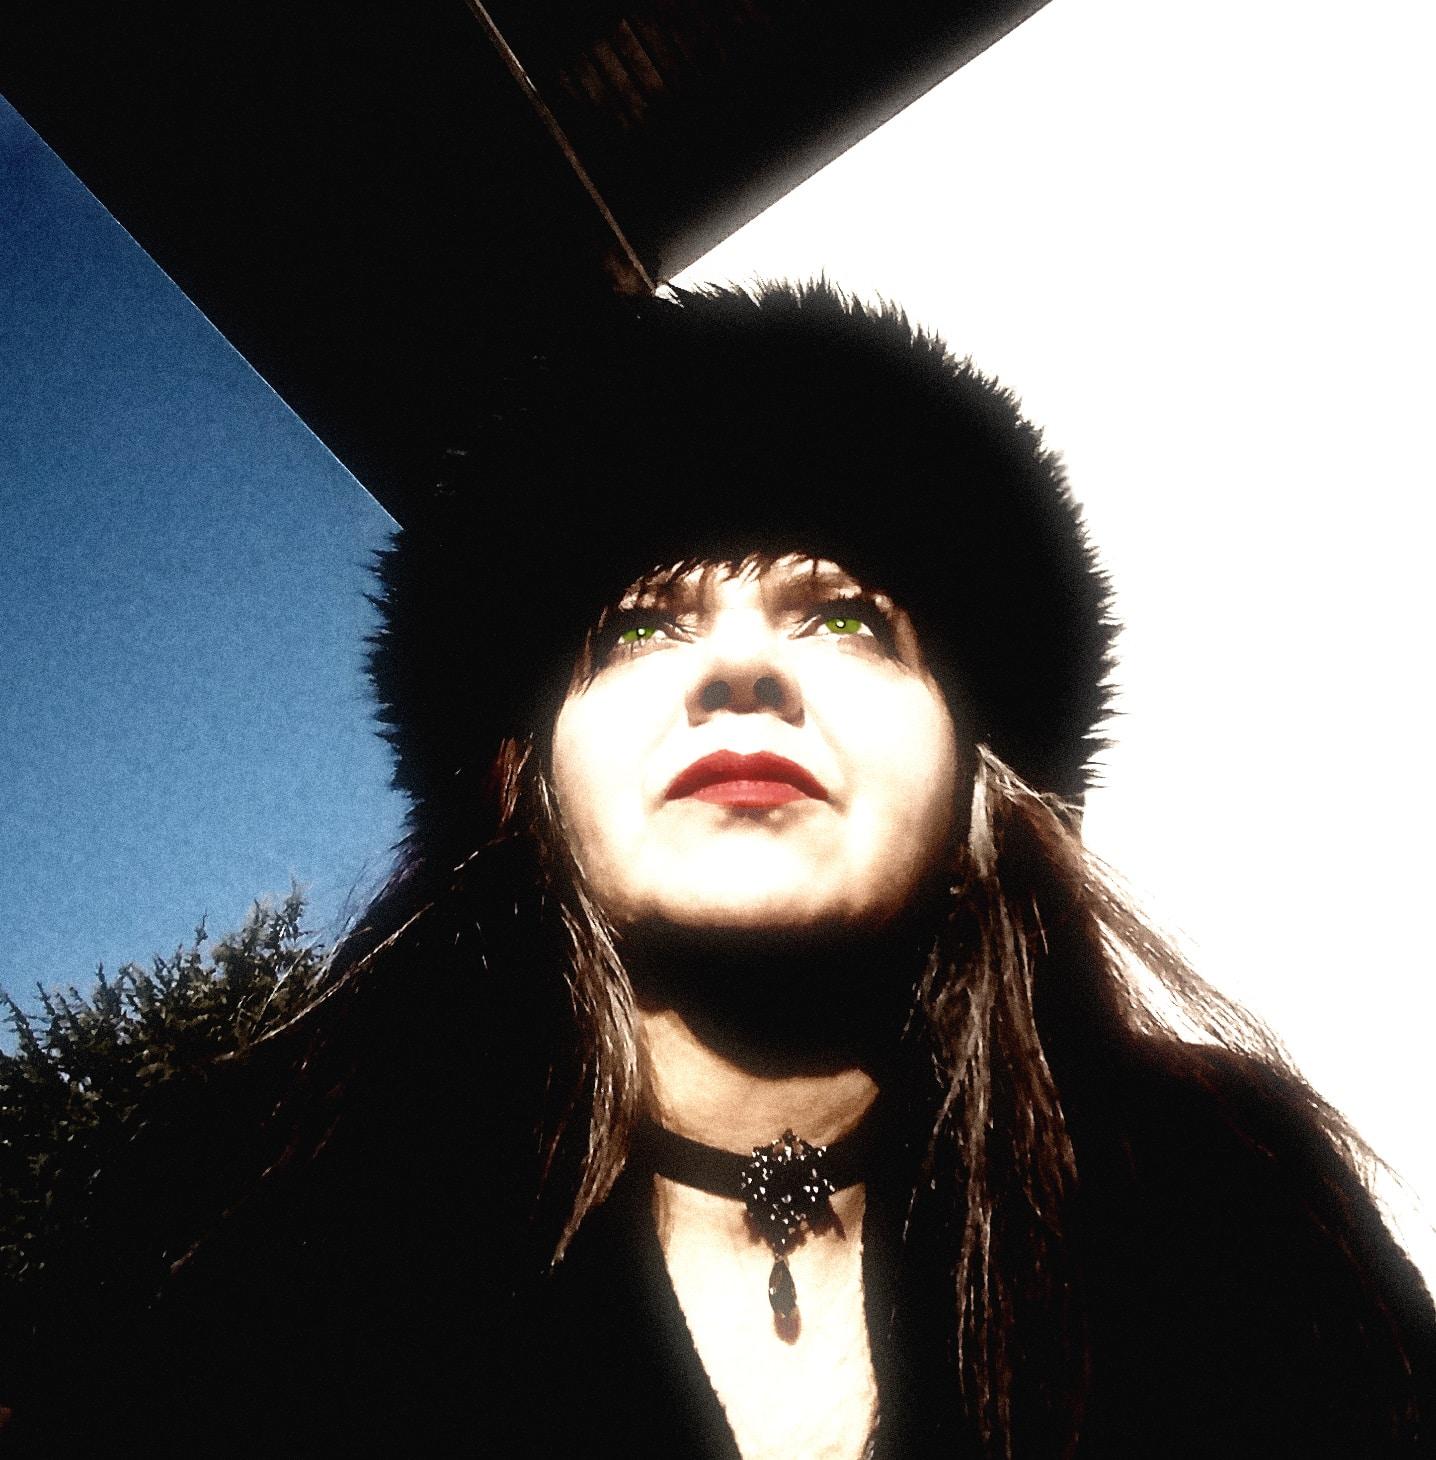 Go to Silvia Brazzoduro's profile